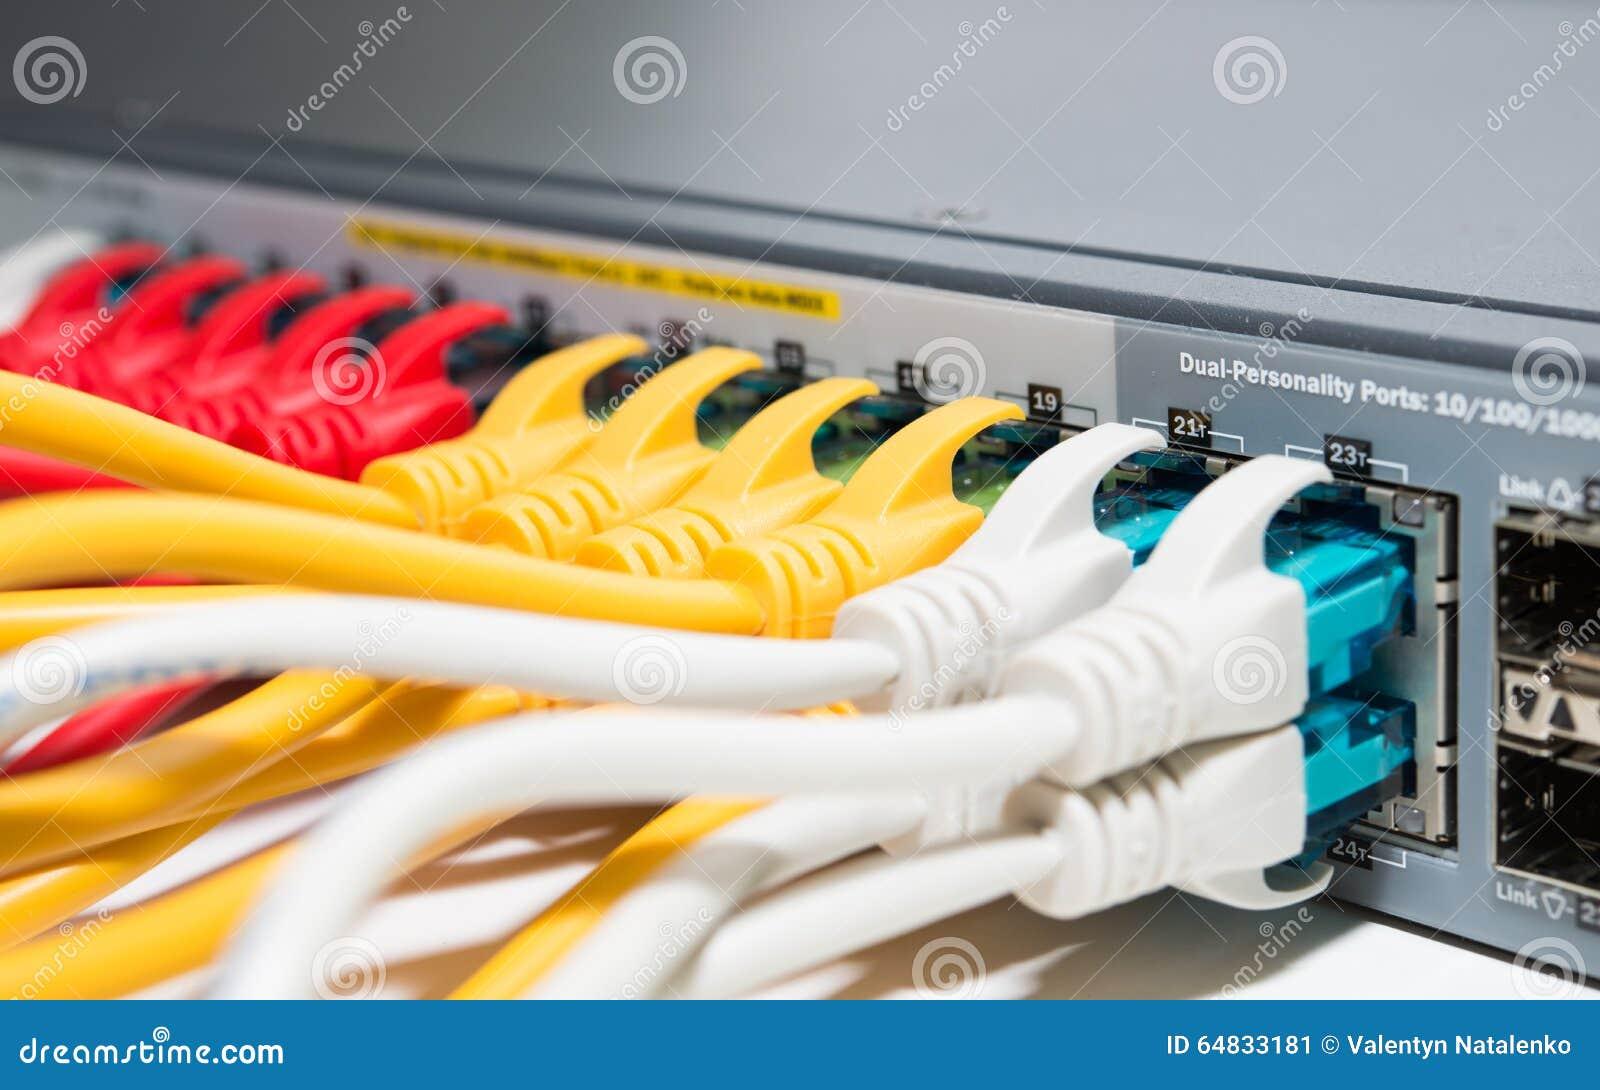 Cordes de raccordement reliées au routeur